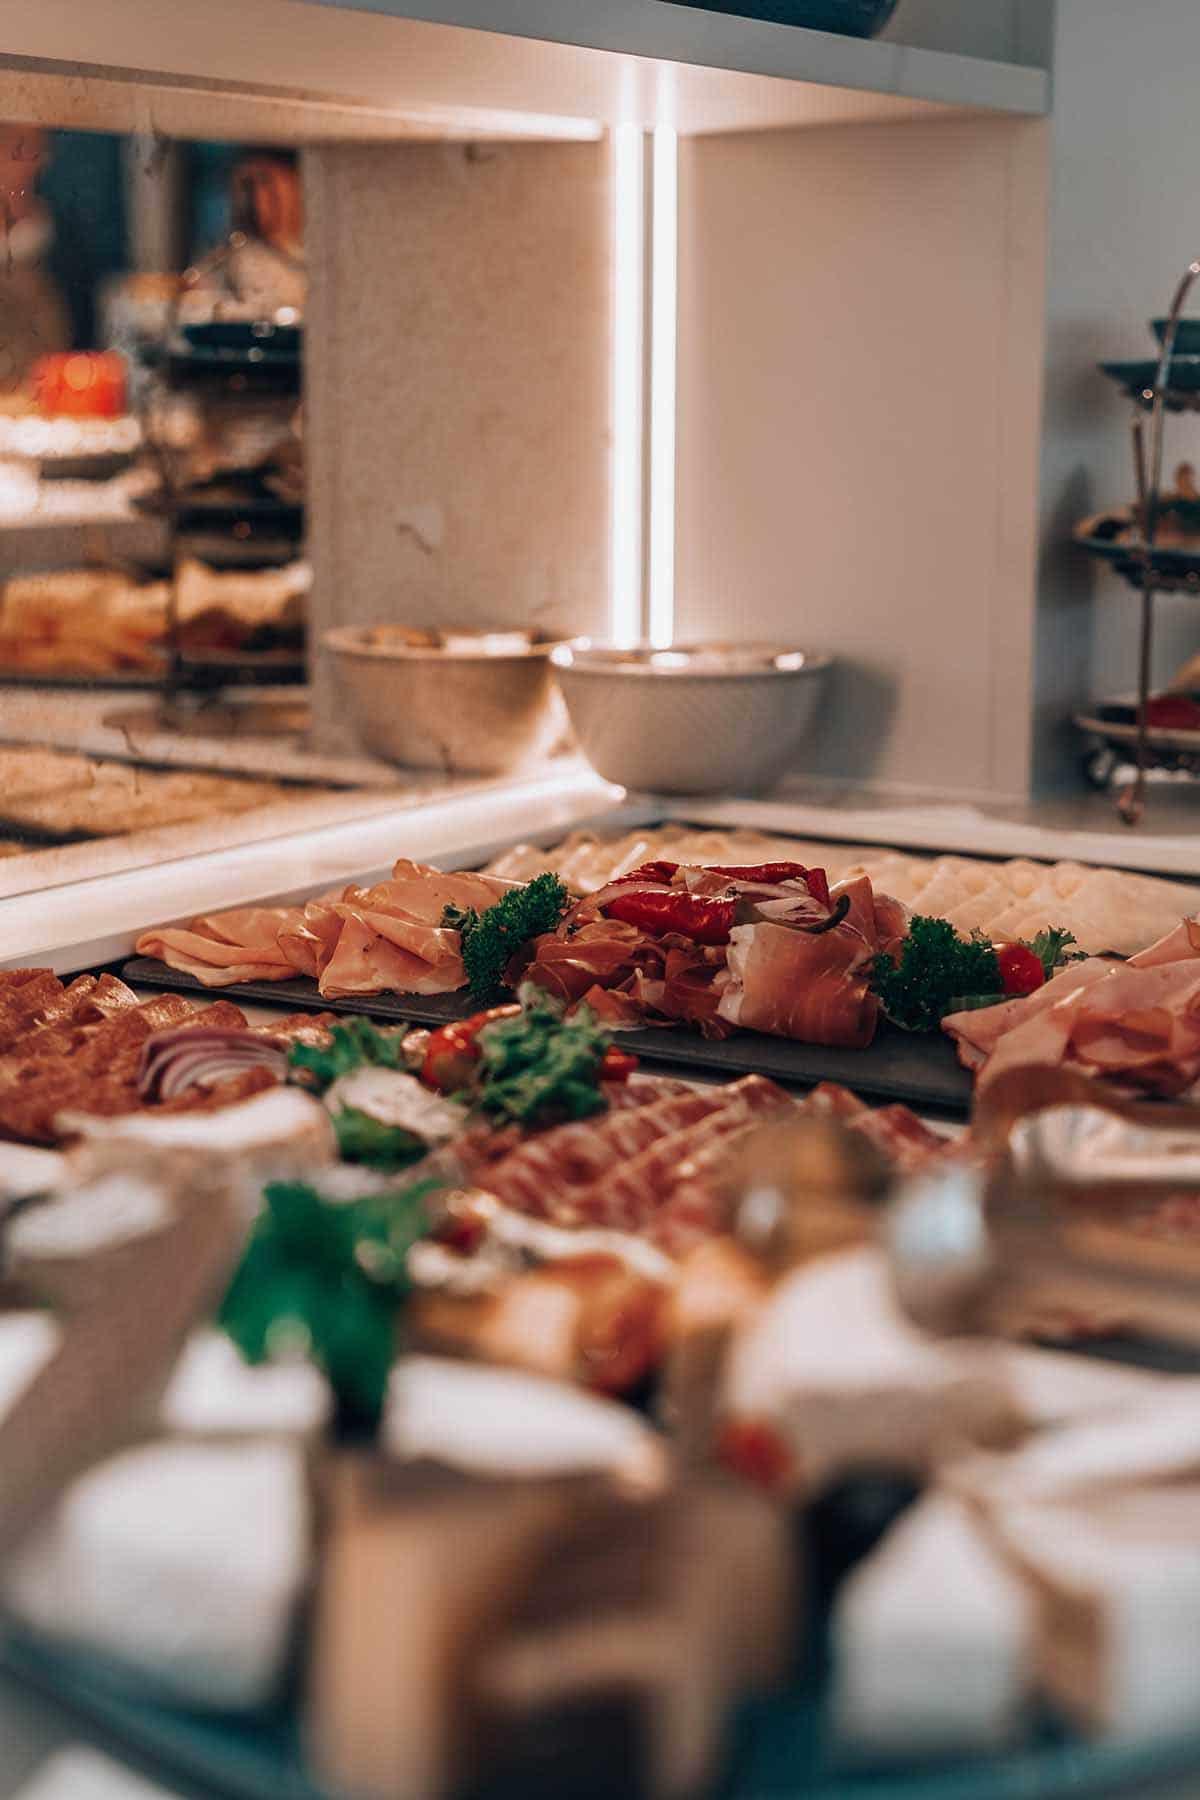 goldstueck-boutique-hotel-saalbach-hinterglemm-buffet